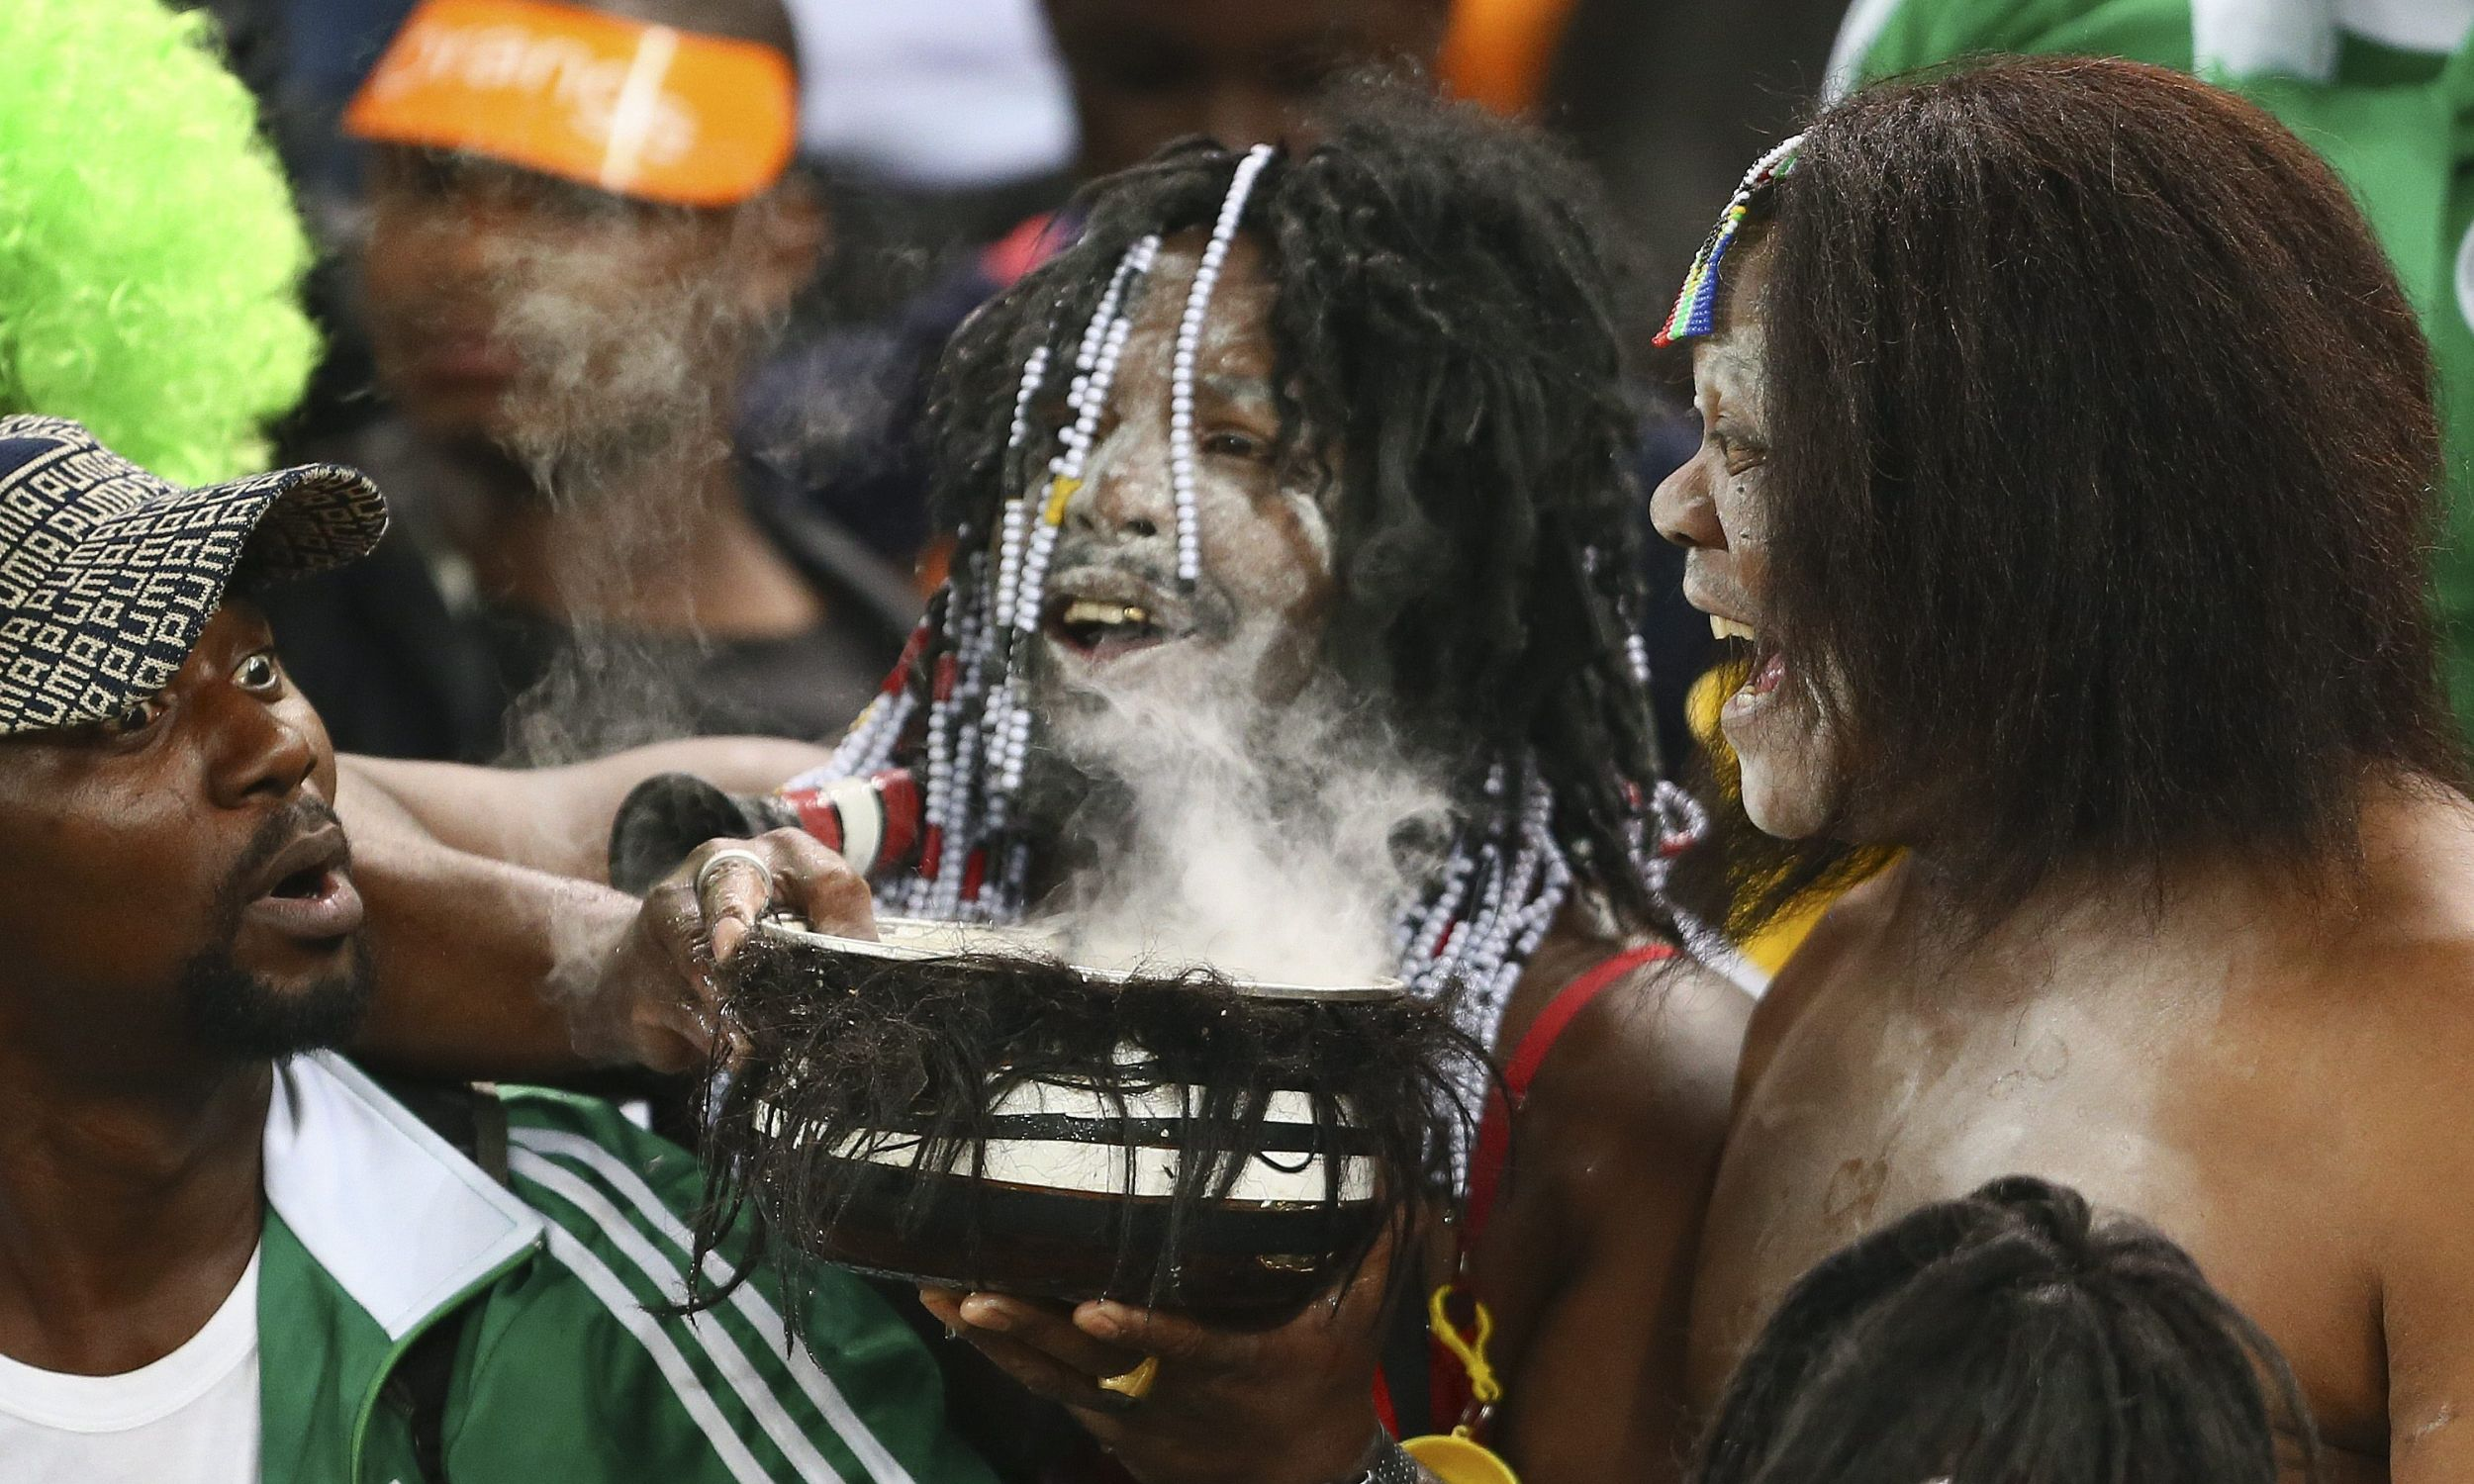 Nigeryjczycy podczas finału Pucharu Narodów Afryki, luty 2013. Nigeria wygrała 1: 0. z Burkina Faso na stadionie Soccer City w Johannesburgu, w Republice Południowej Afryki. Fot. PAP / EPA